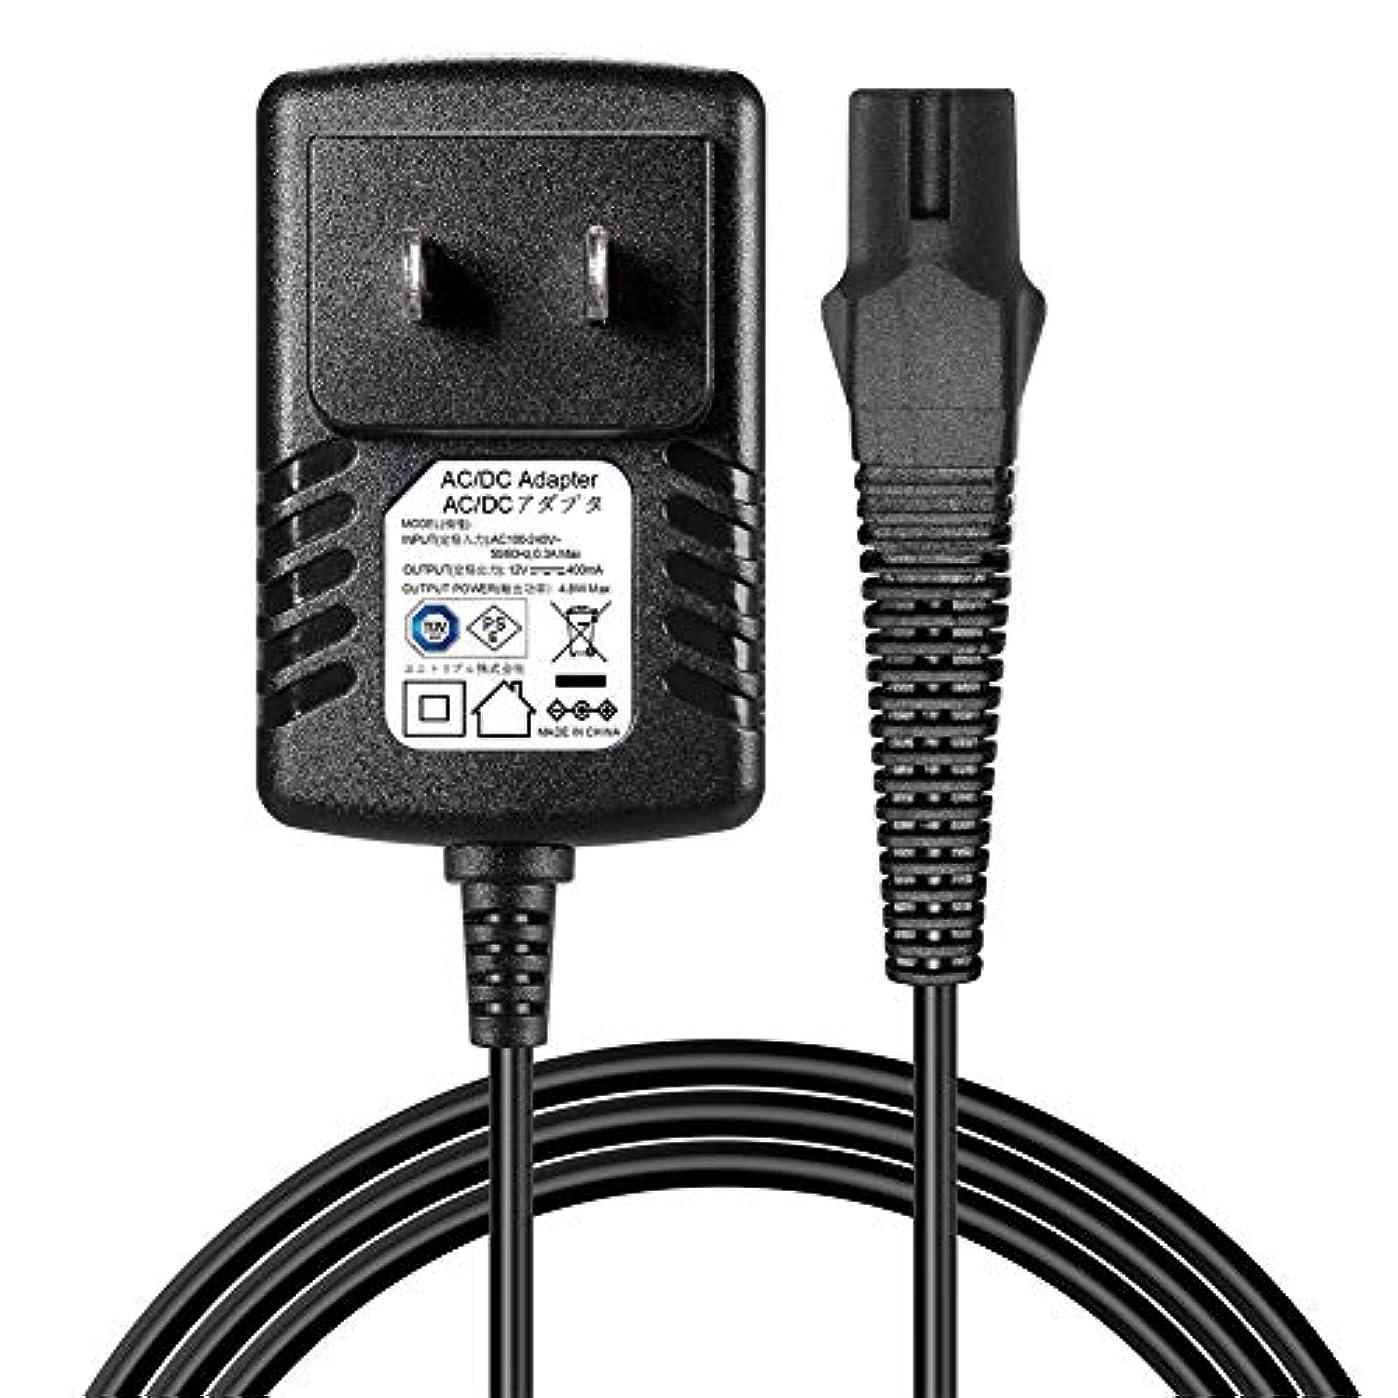 芽盆地混乱させるBraunシェーバー用の電源 Punasi ブラウン髭剃りに使用できる充電器 ブラウン ACアダプター DCアダプター 充電コード 310s 5030s 190s-1 7893s 5190cc 5090CC Braun...